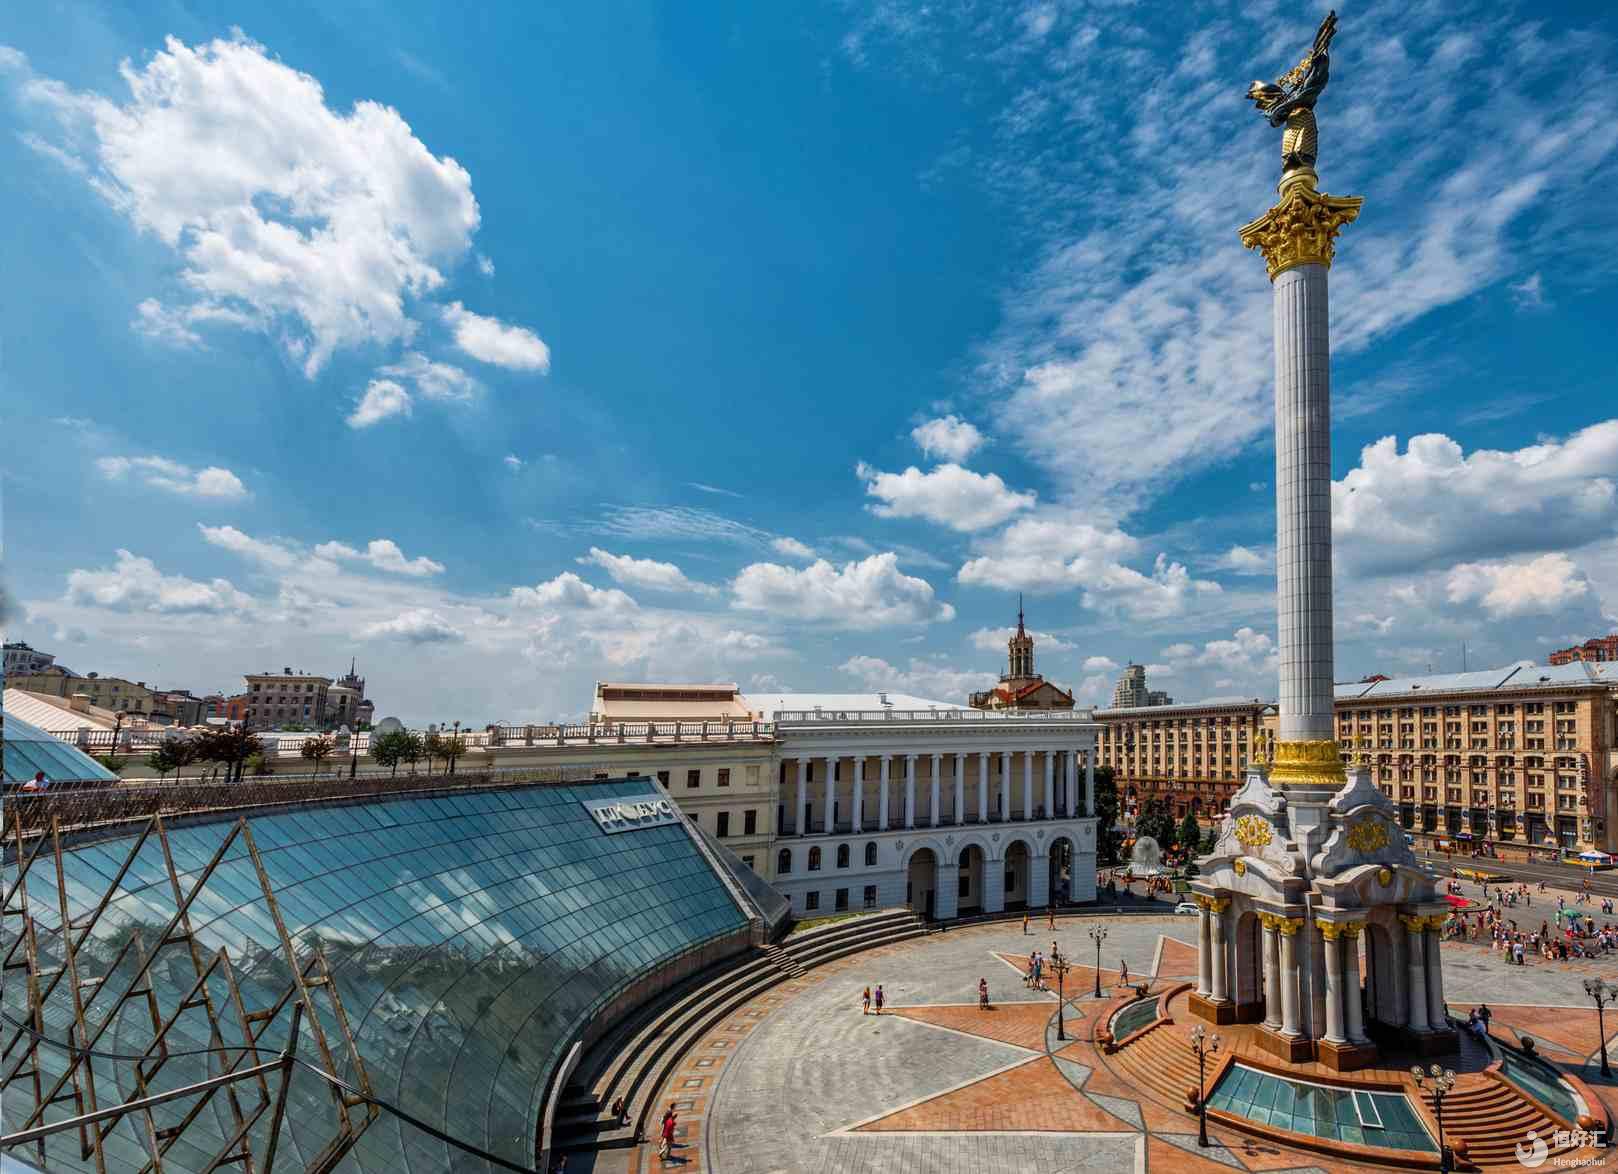 乌克兰试管婴儿医院该怎么选择?